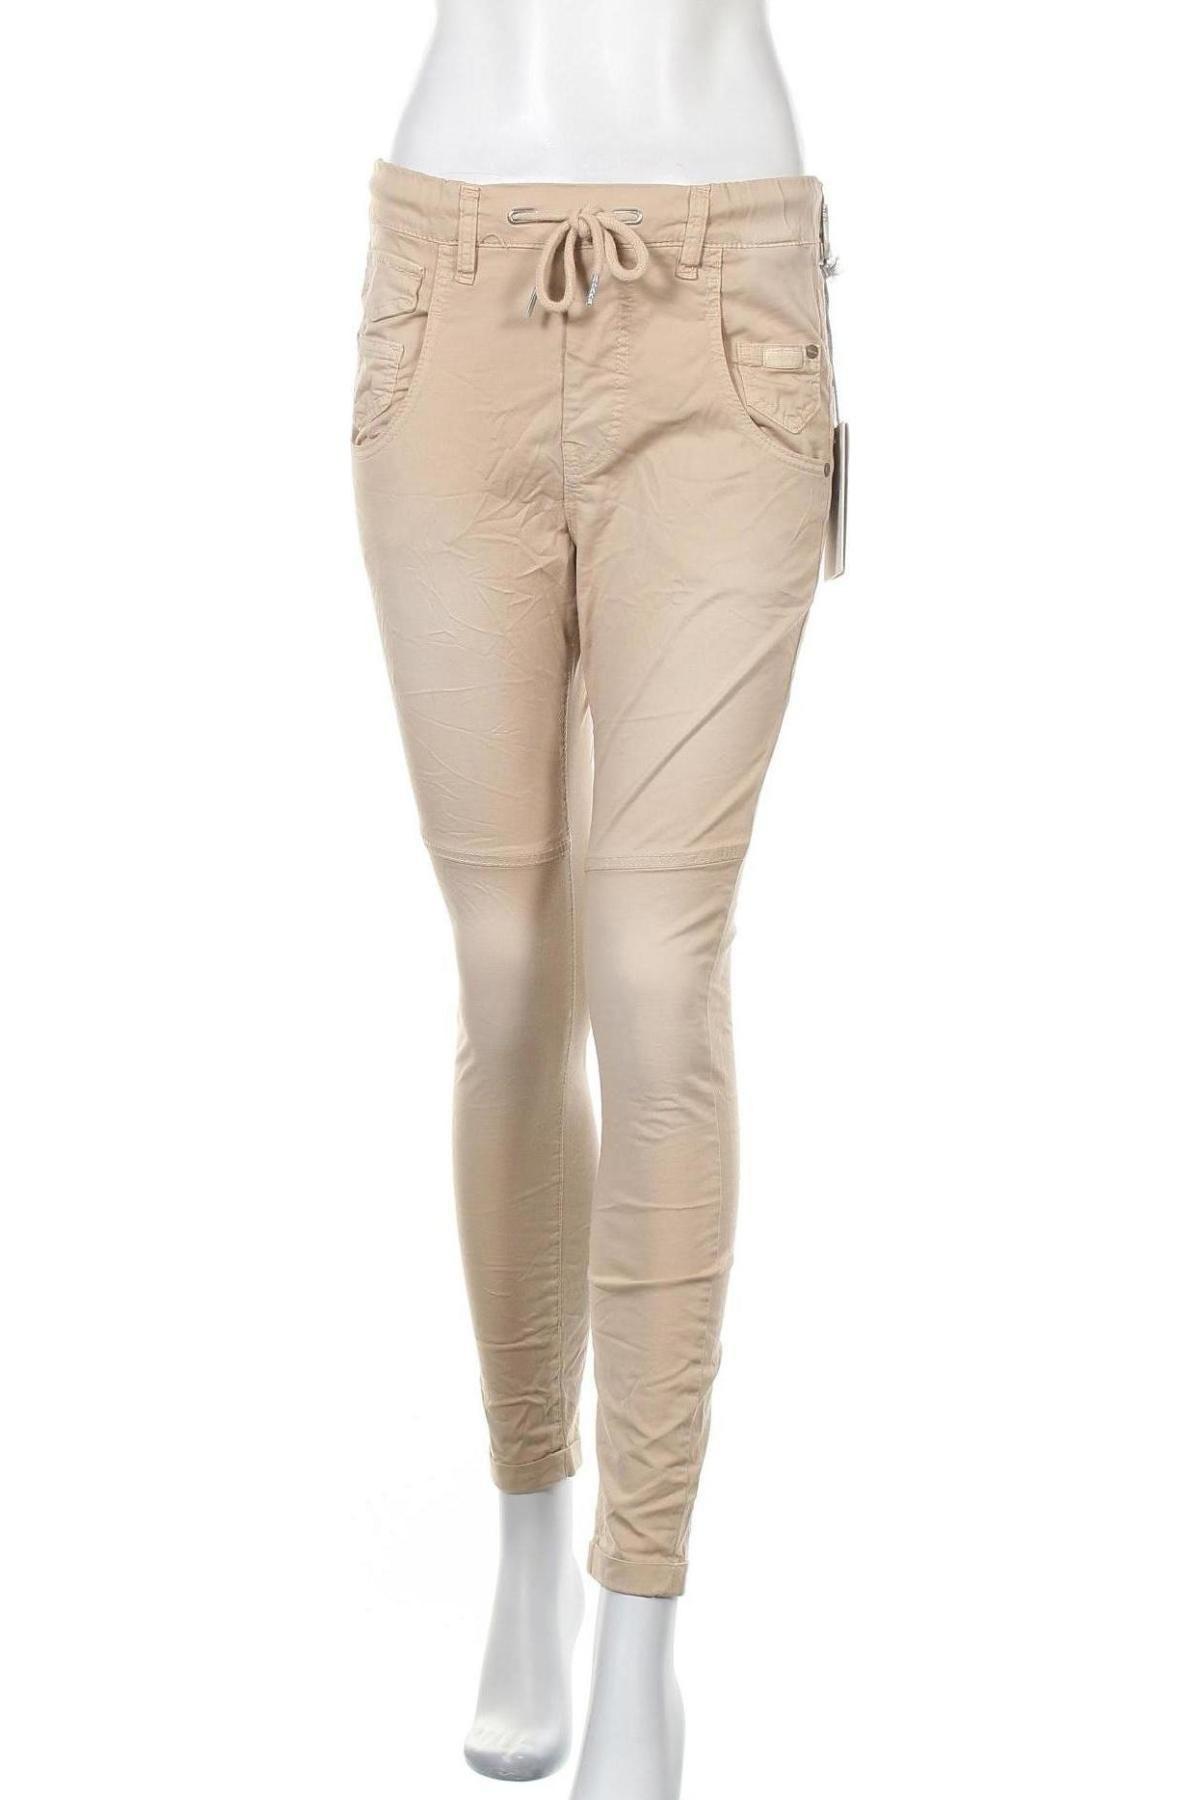 Дамски панталон Gang, Размер S, Цвят Бежов, 97% памук, 3% еластан, Цена 28,62лв.